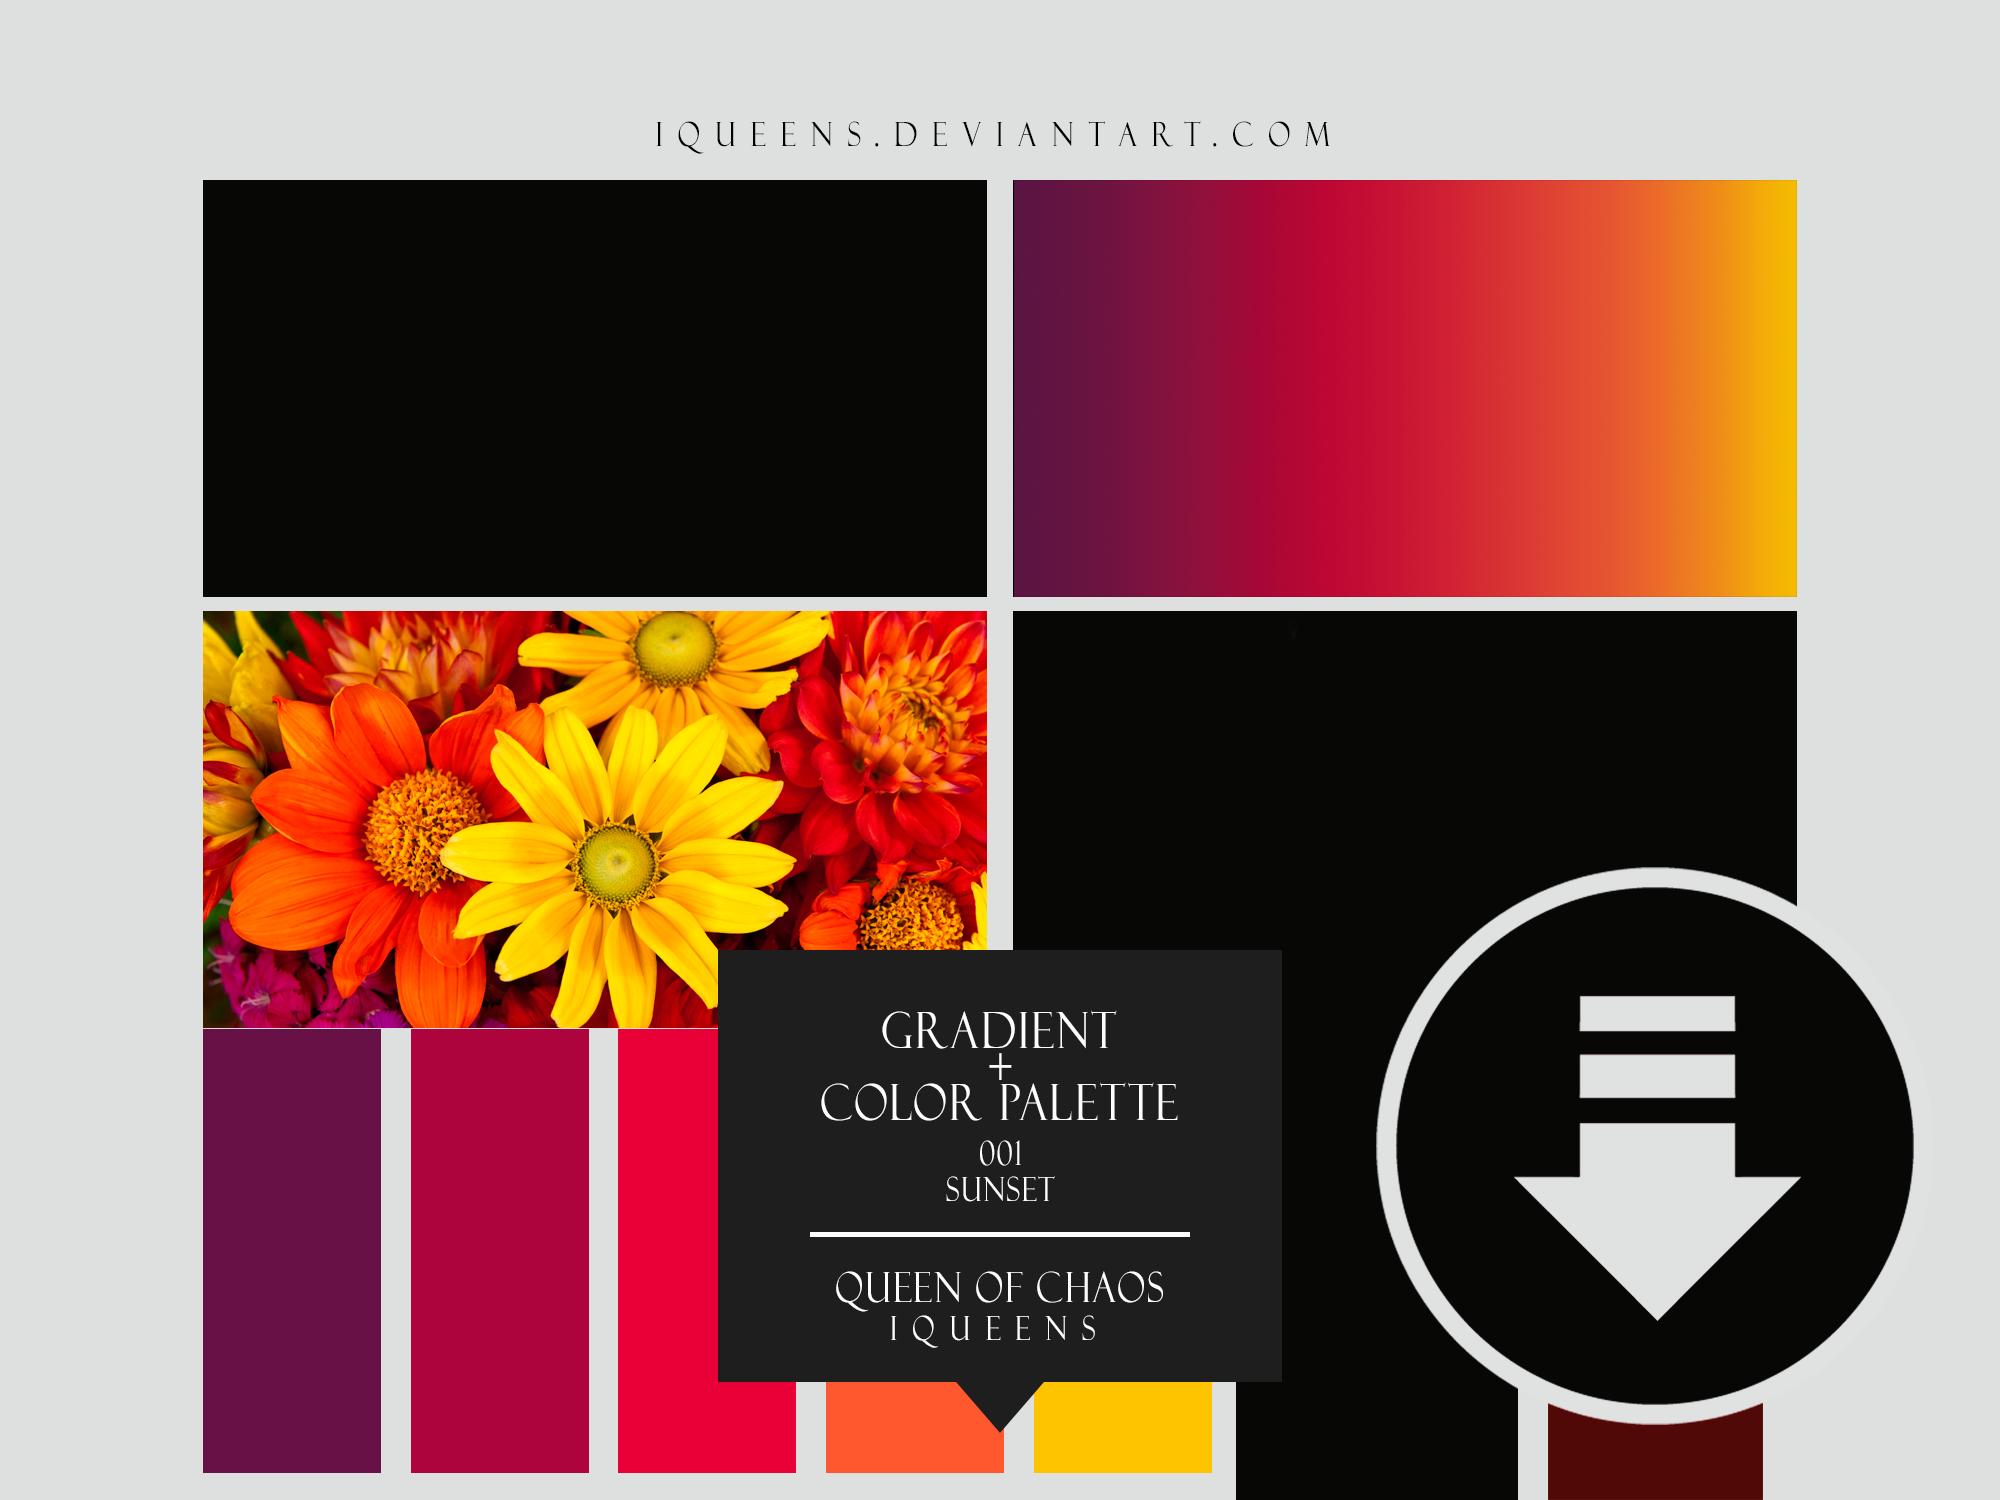 PS Gradient + Color Palette 001 | Sunset